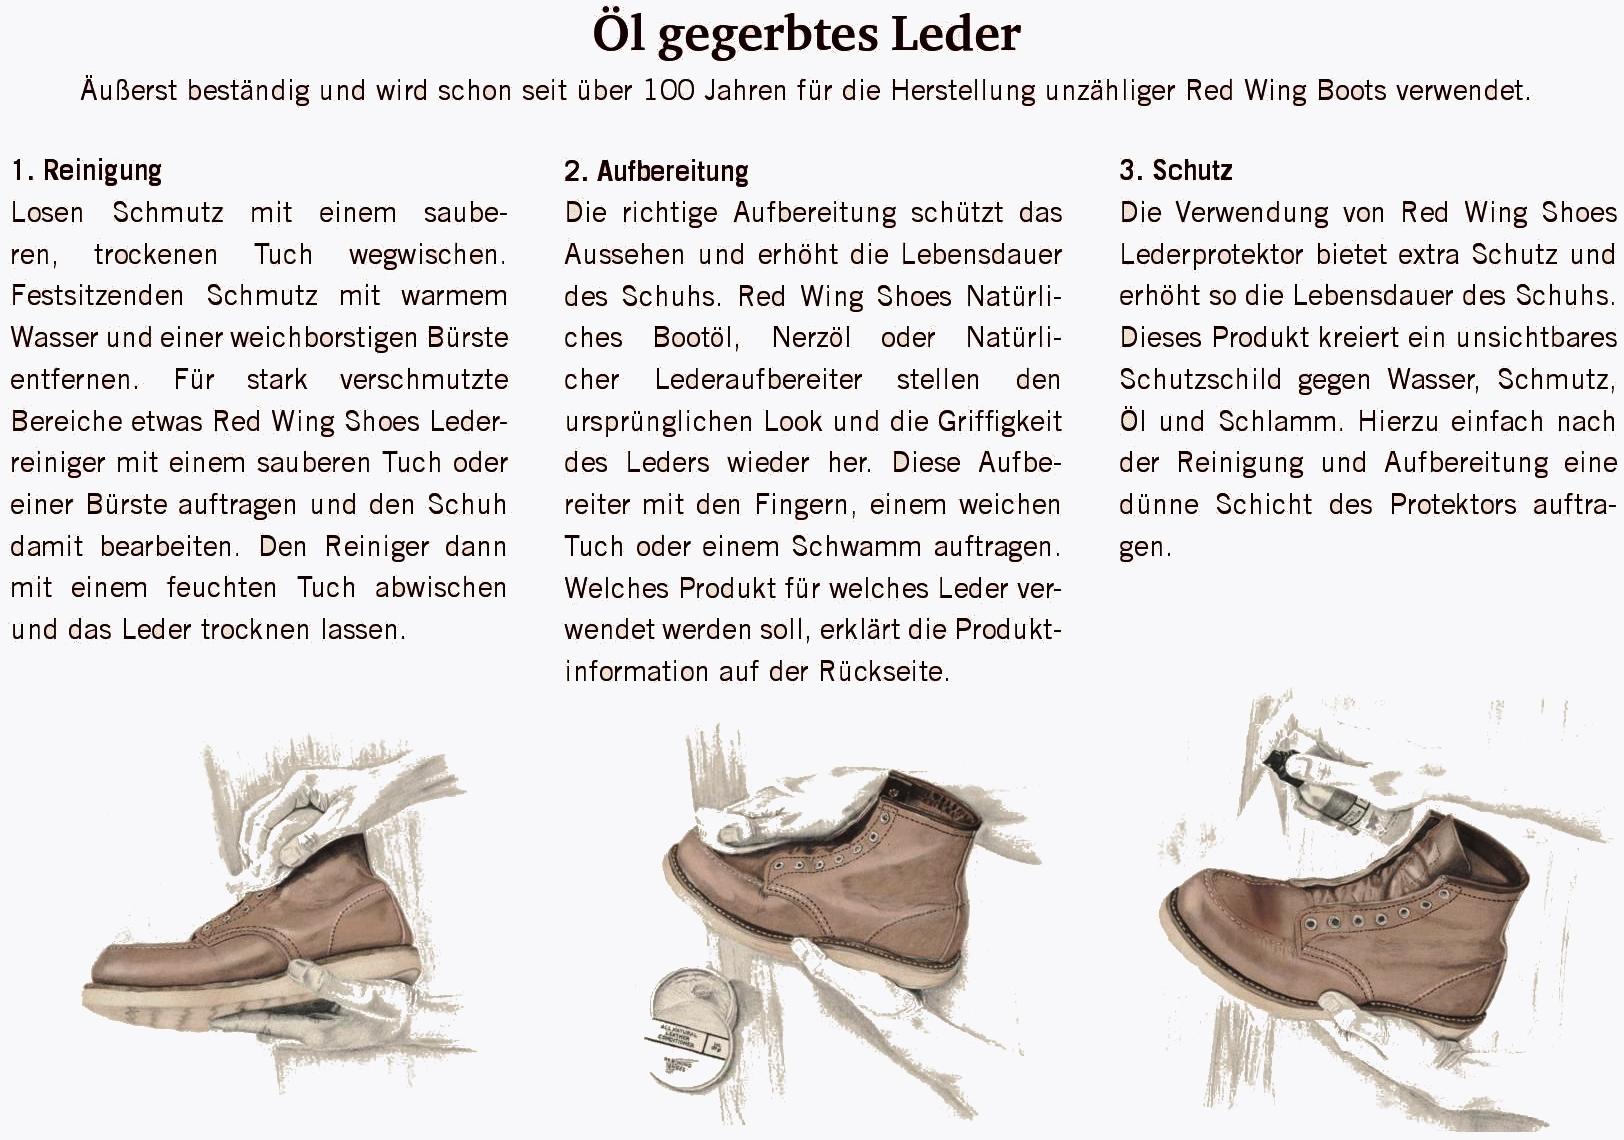 Red Wing Lederpflege für Oil-Tanned (Öl gegerbte) Lederstiefel.